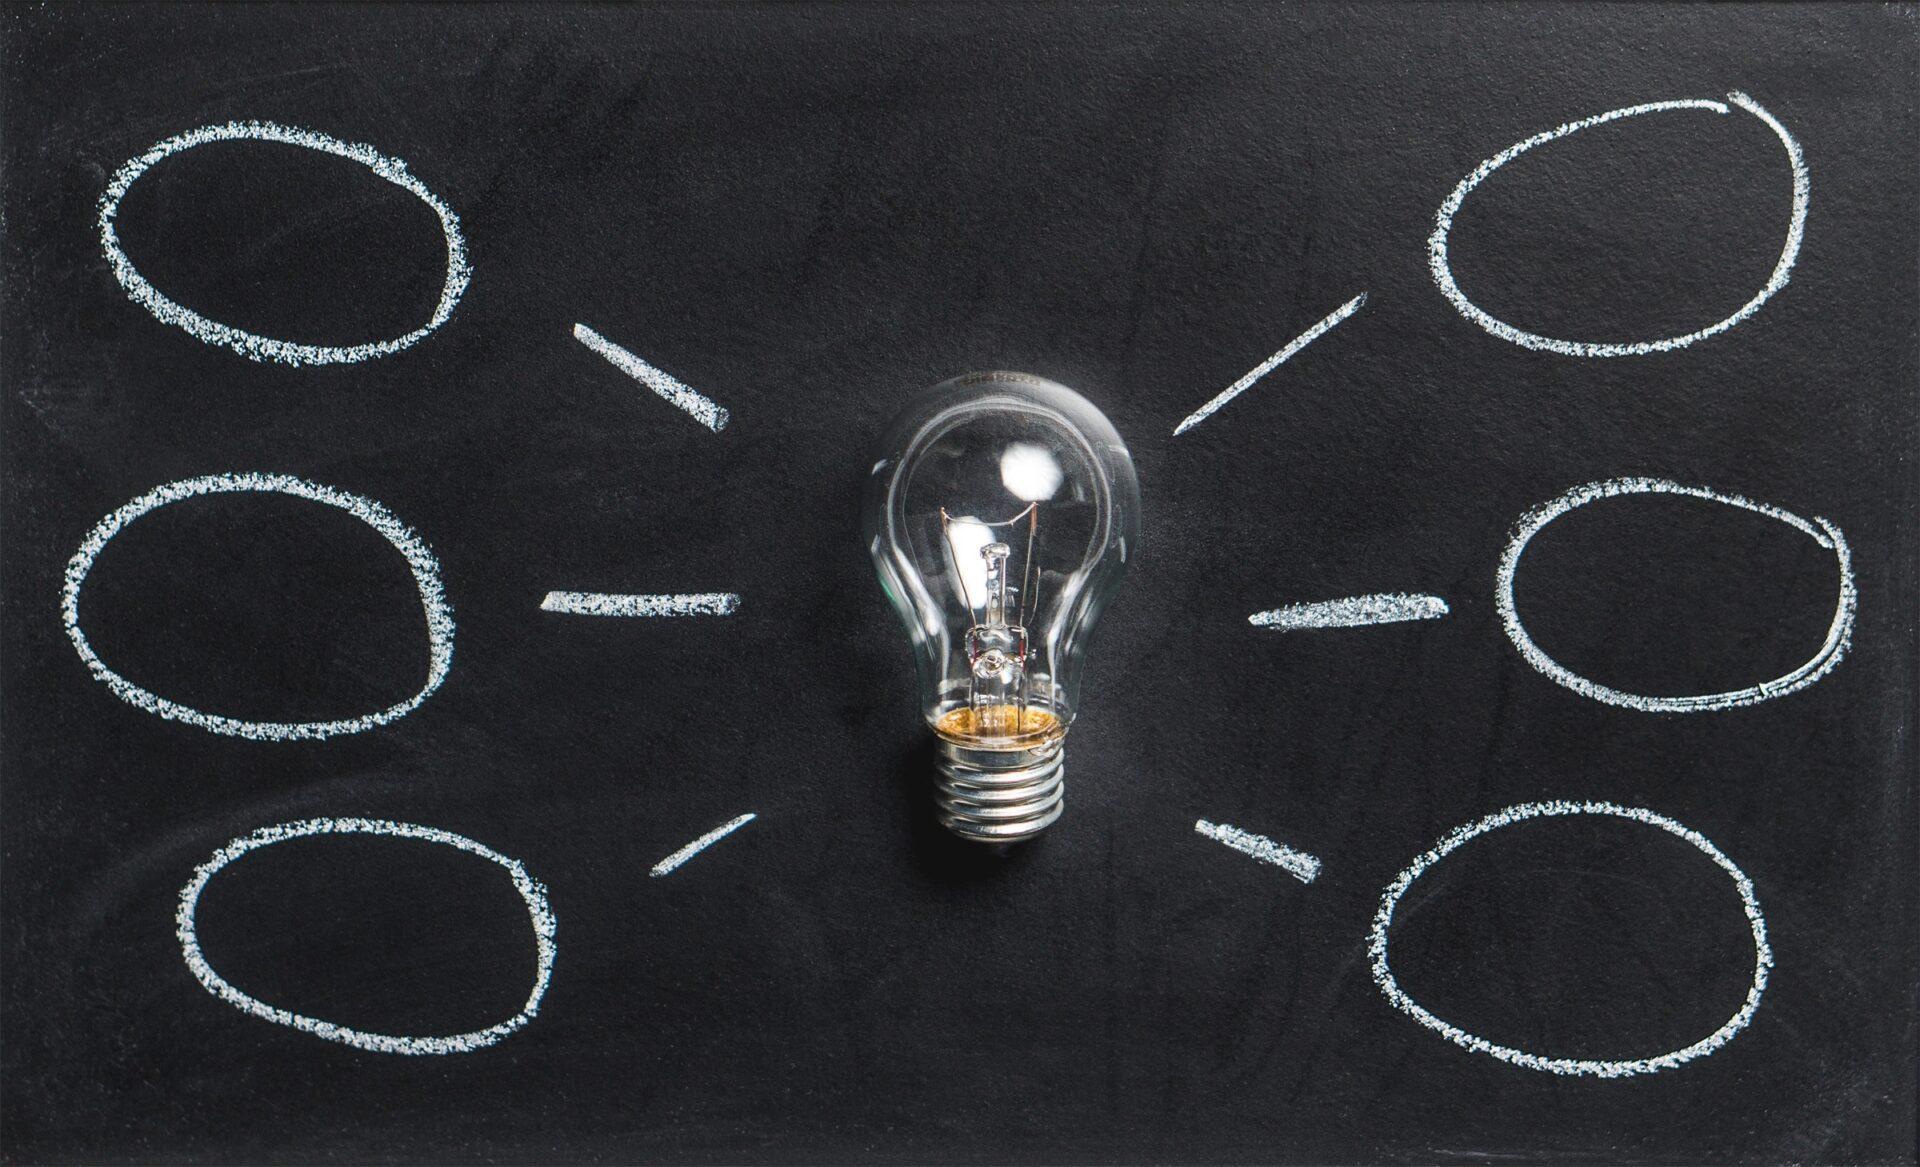 Eine Geschäftsidee finden ist ein langer Prozess